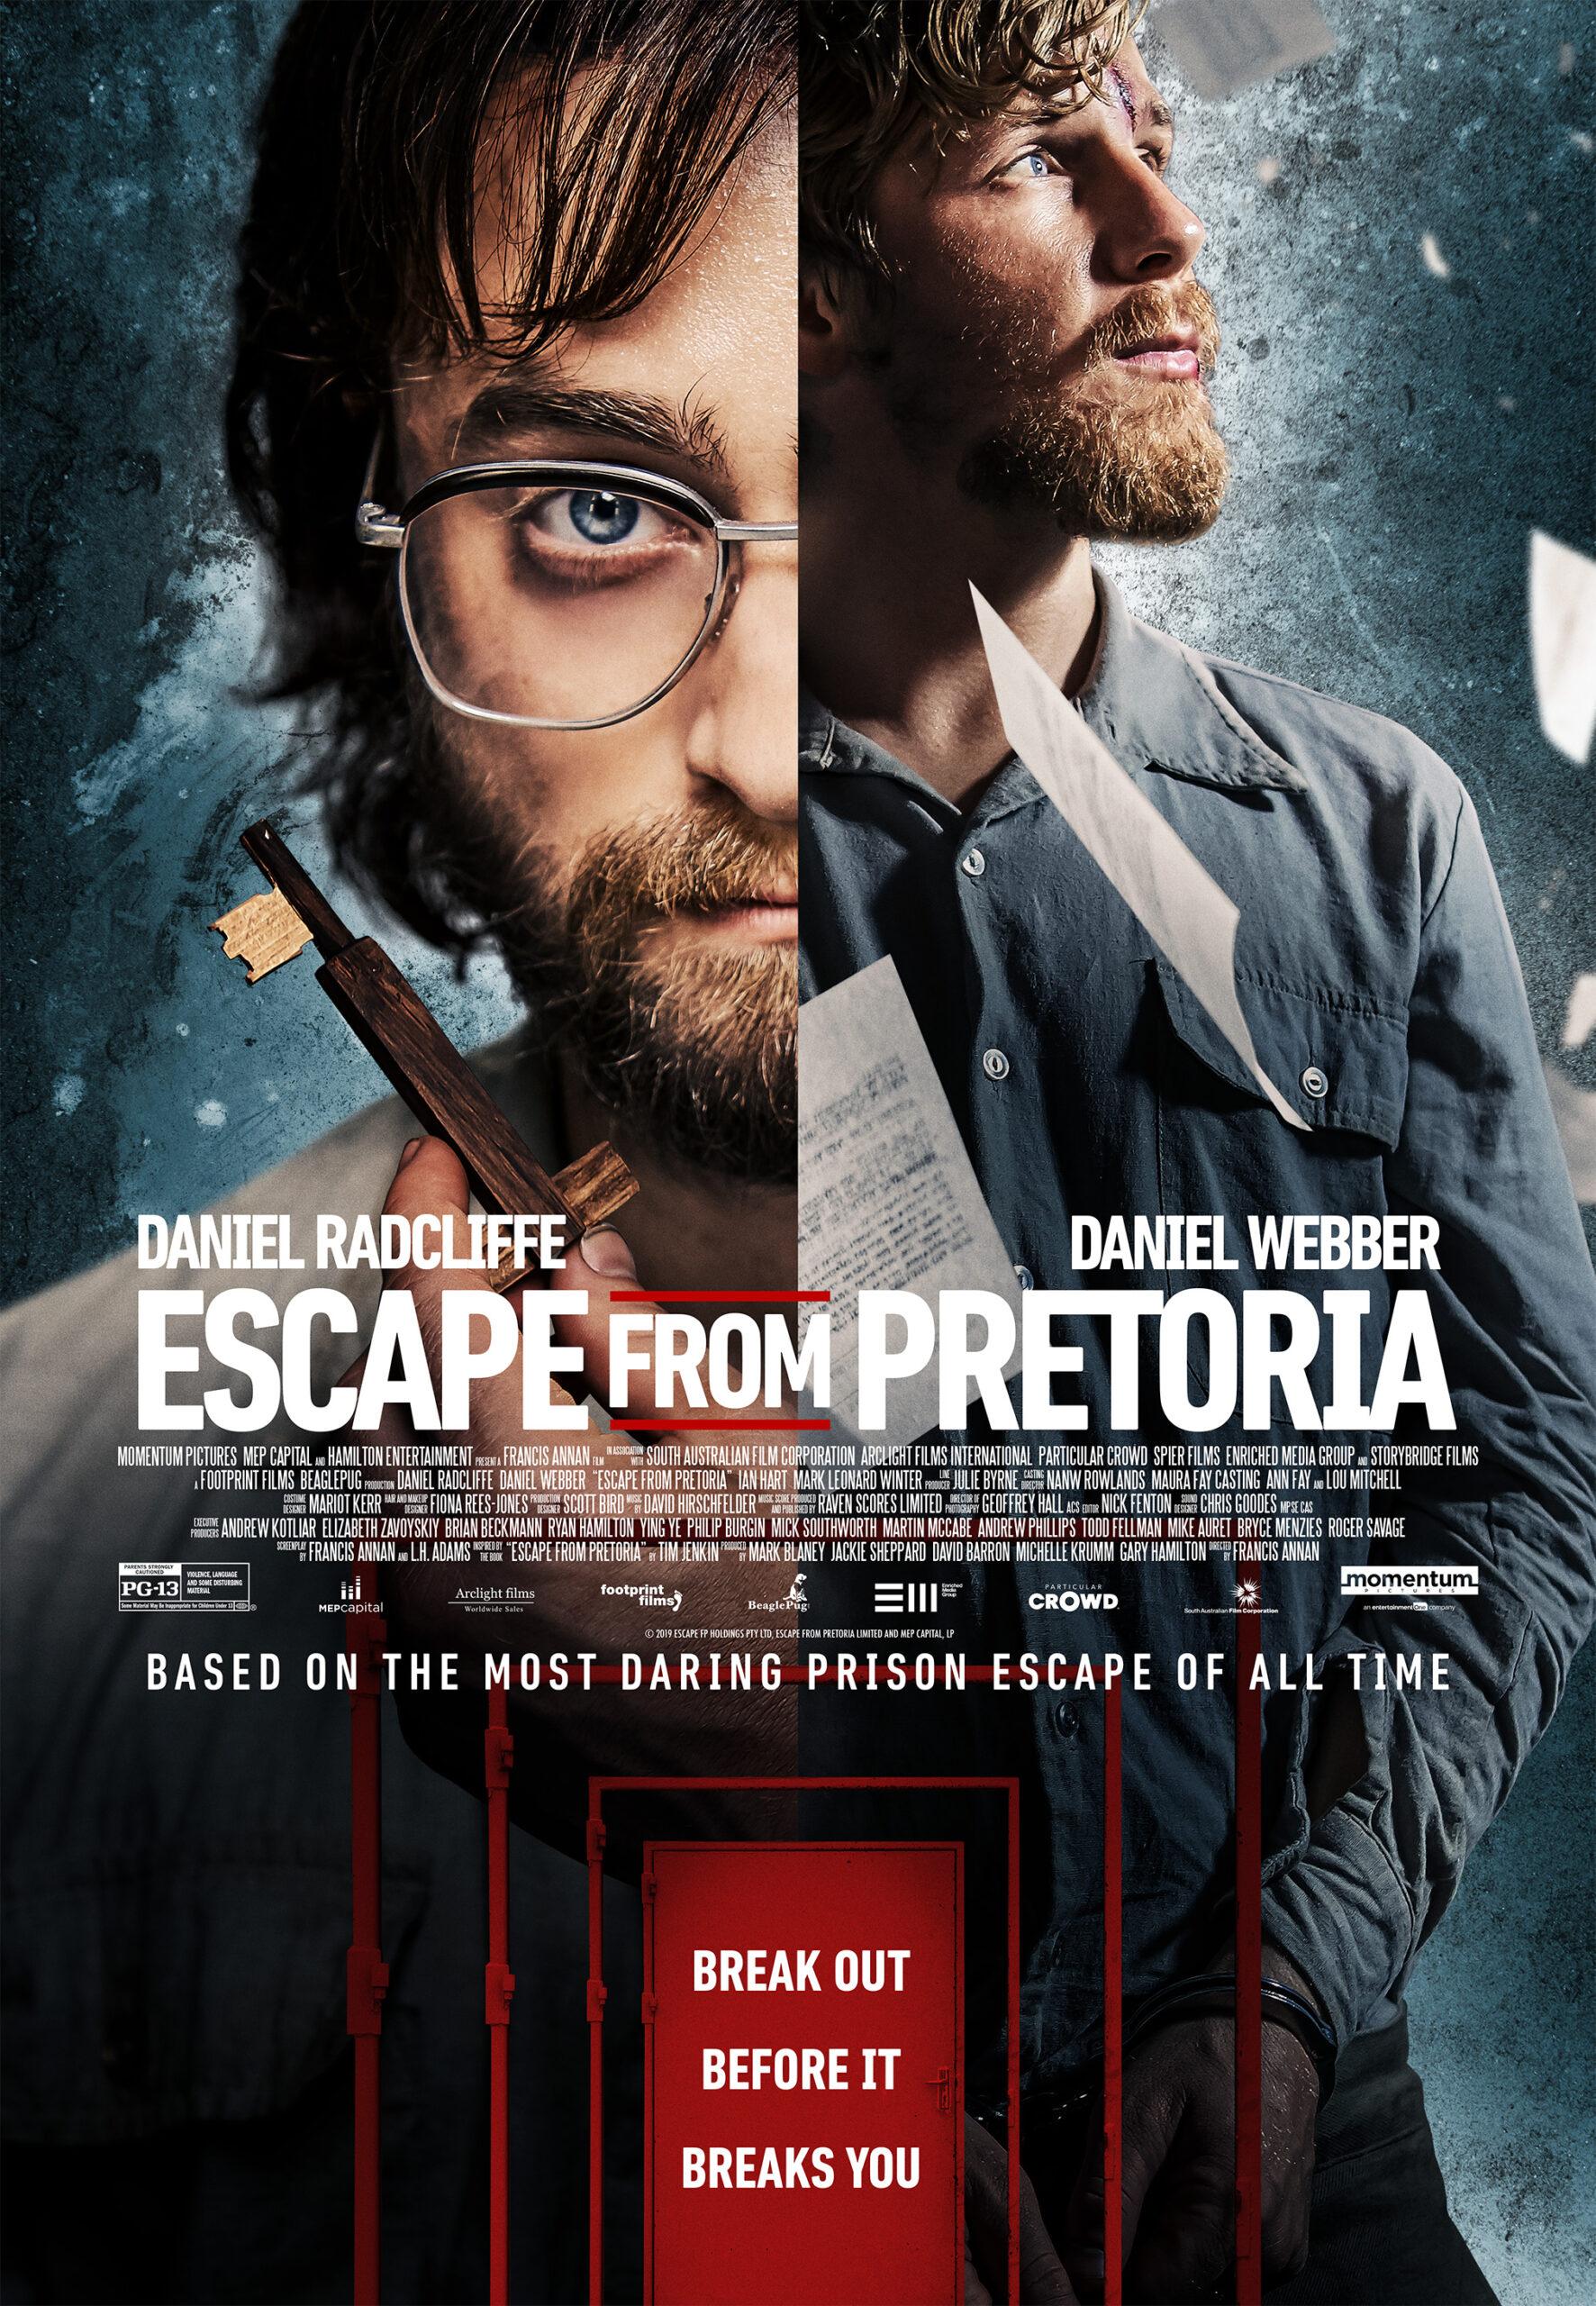 Escape from Pretoria EPK